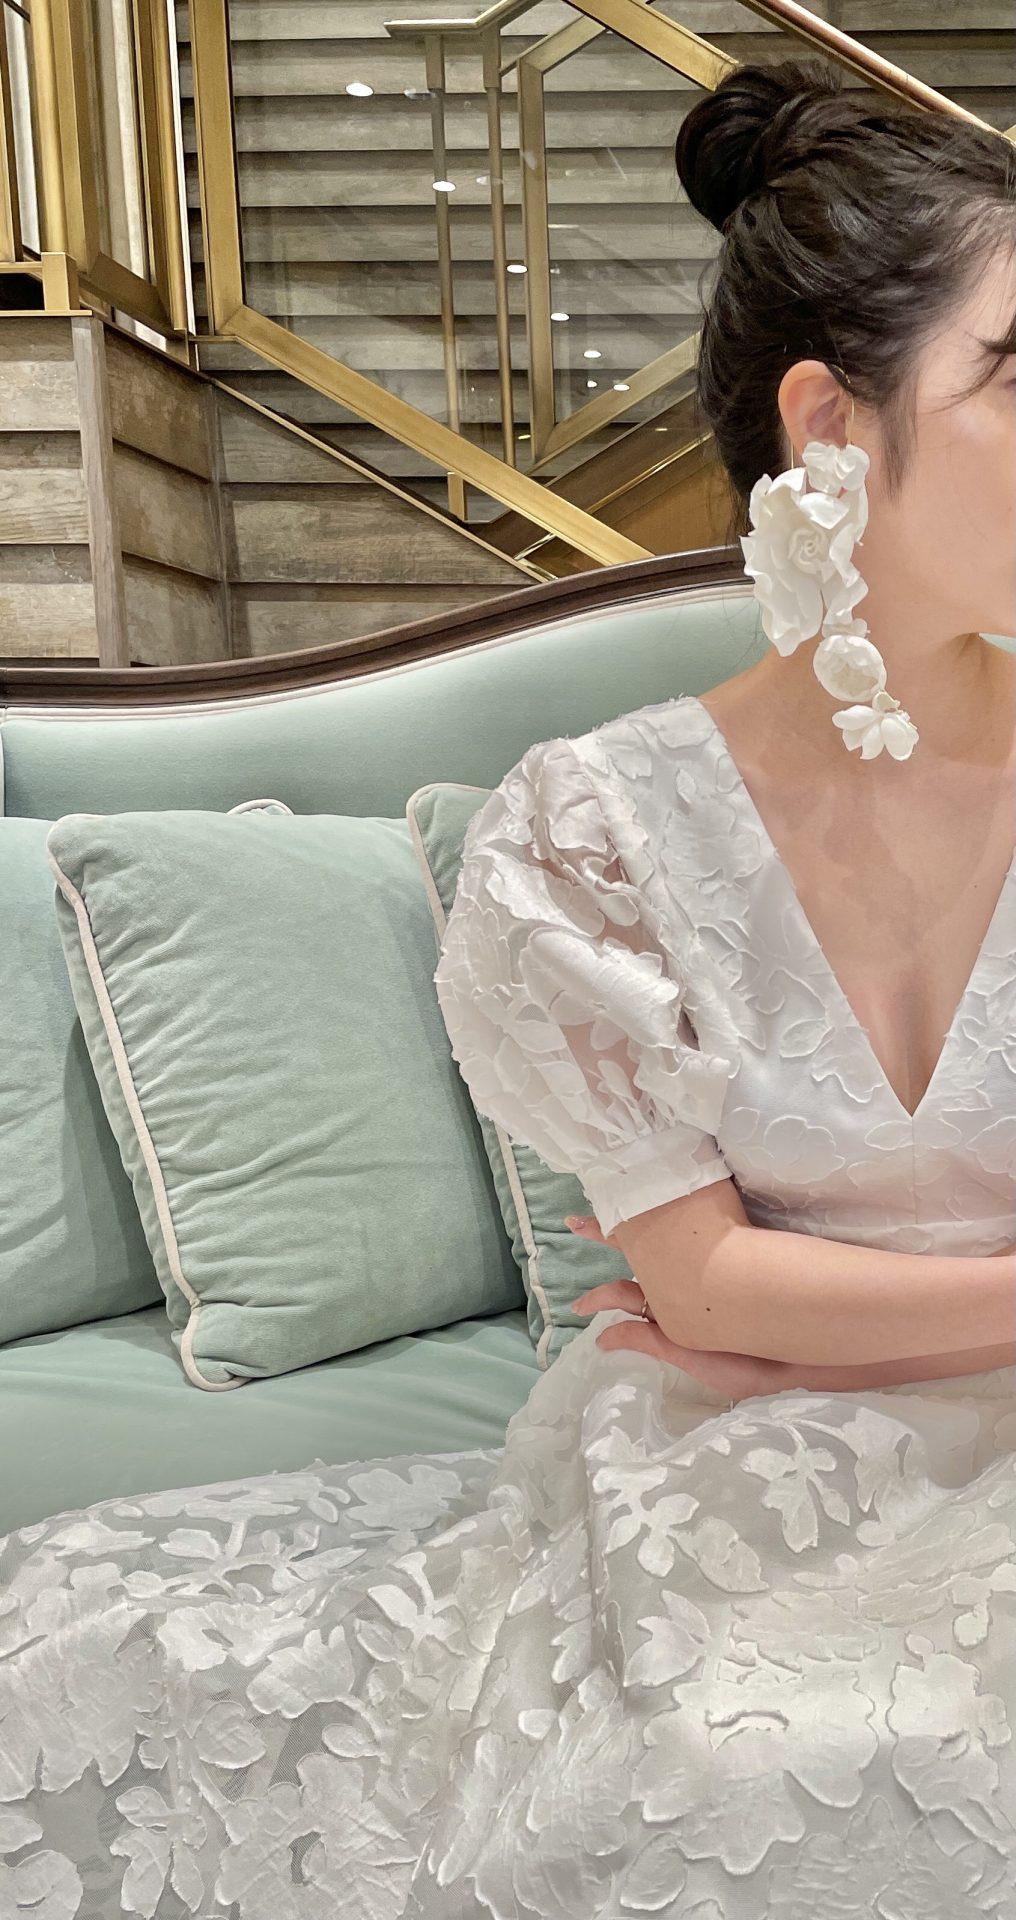 関西の結婚式場におすすめのモダンなAラインのドレスに合わせるイヤーカフのコーディネート